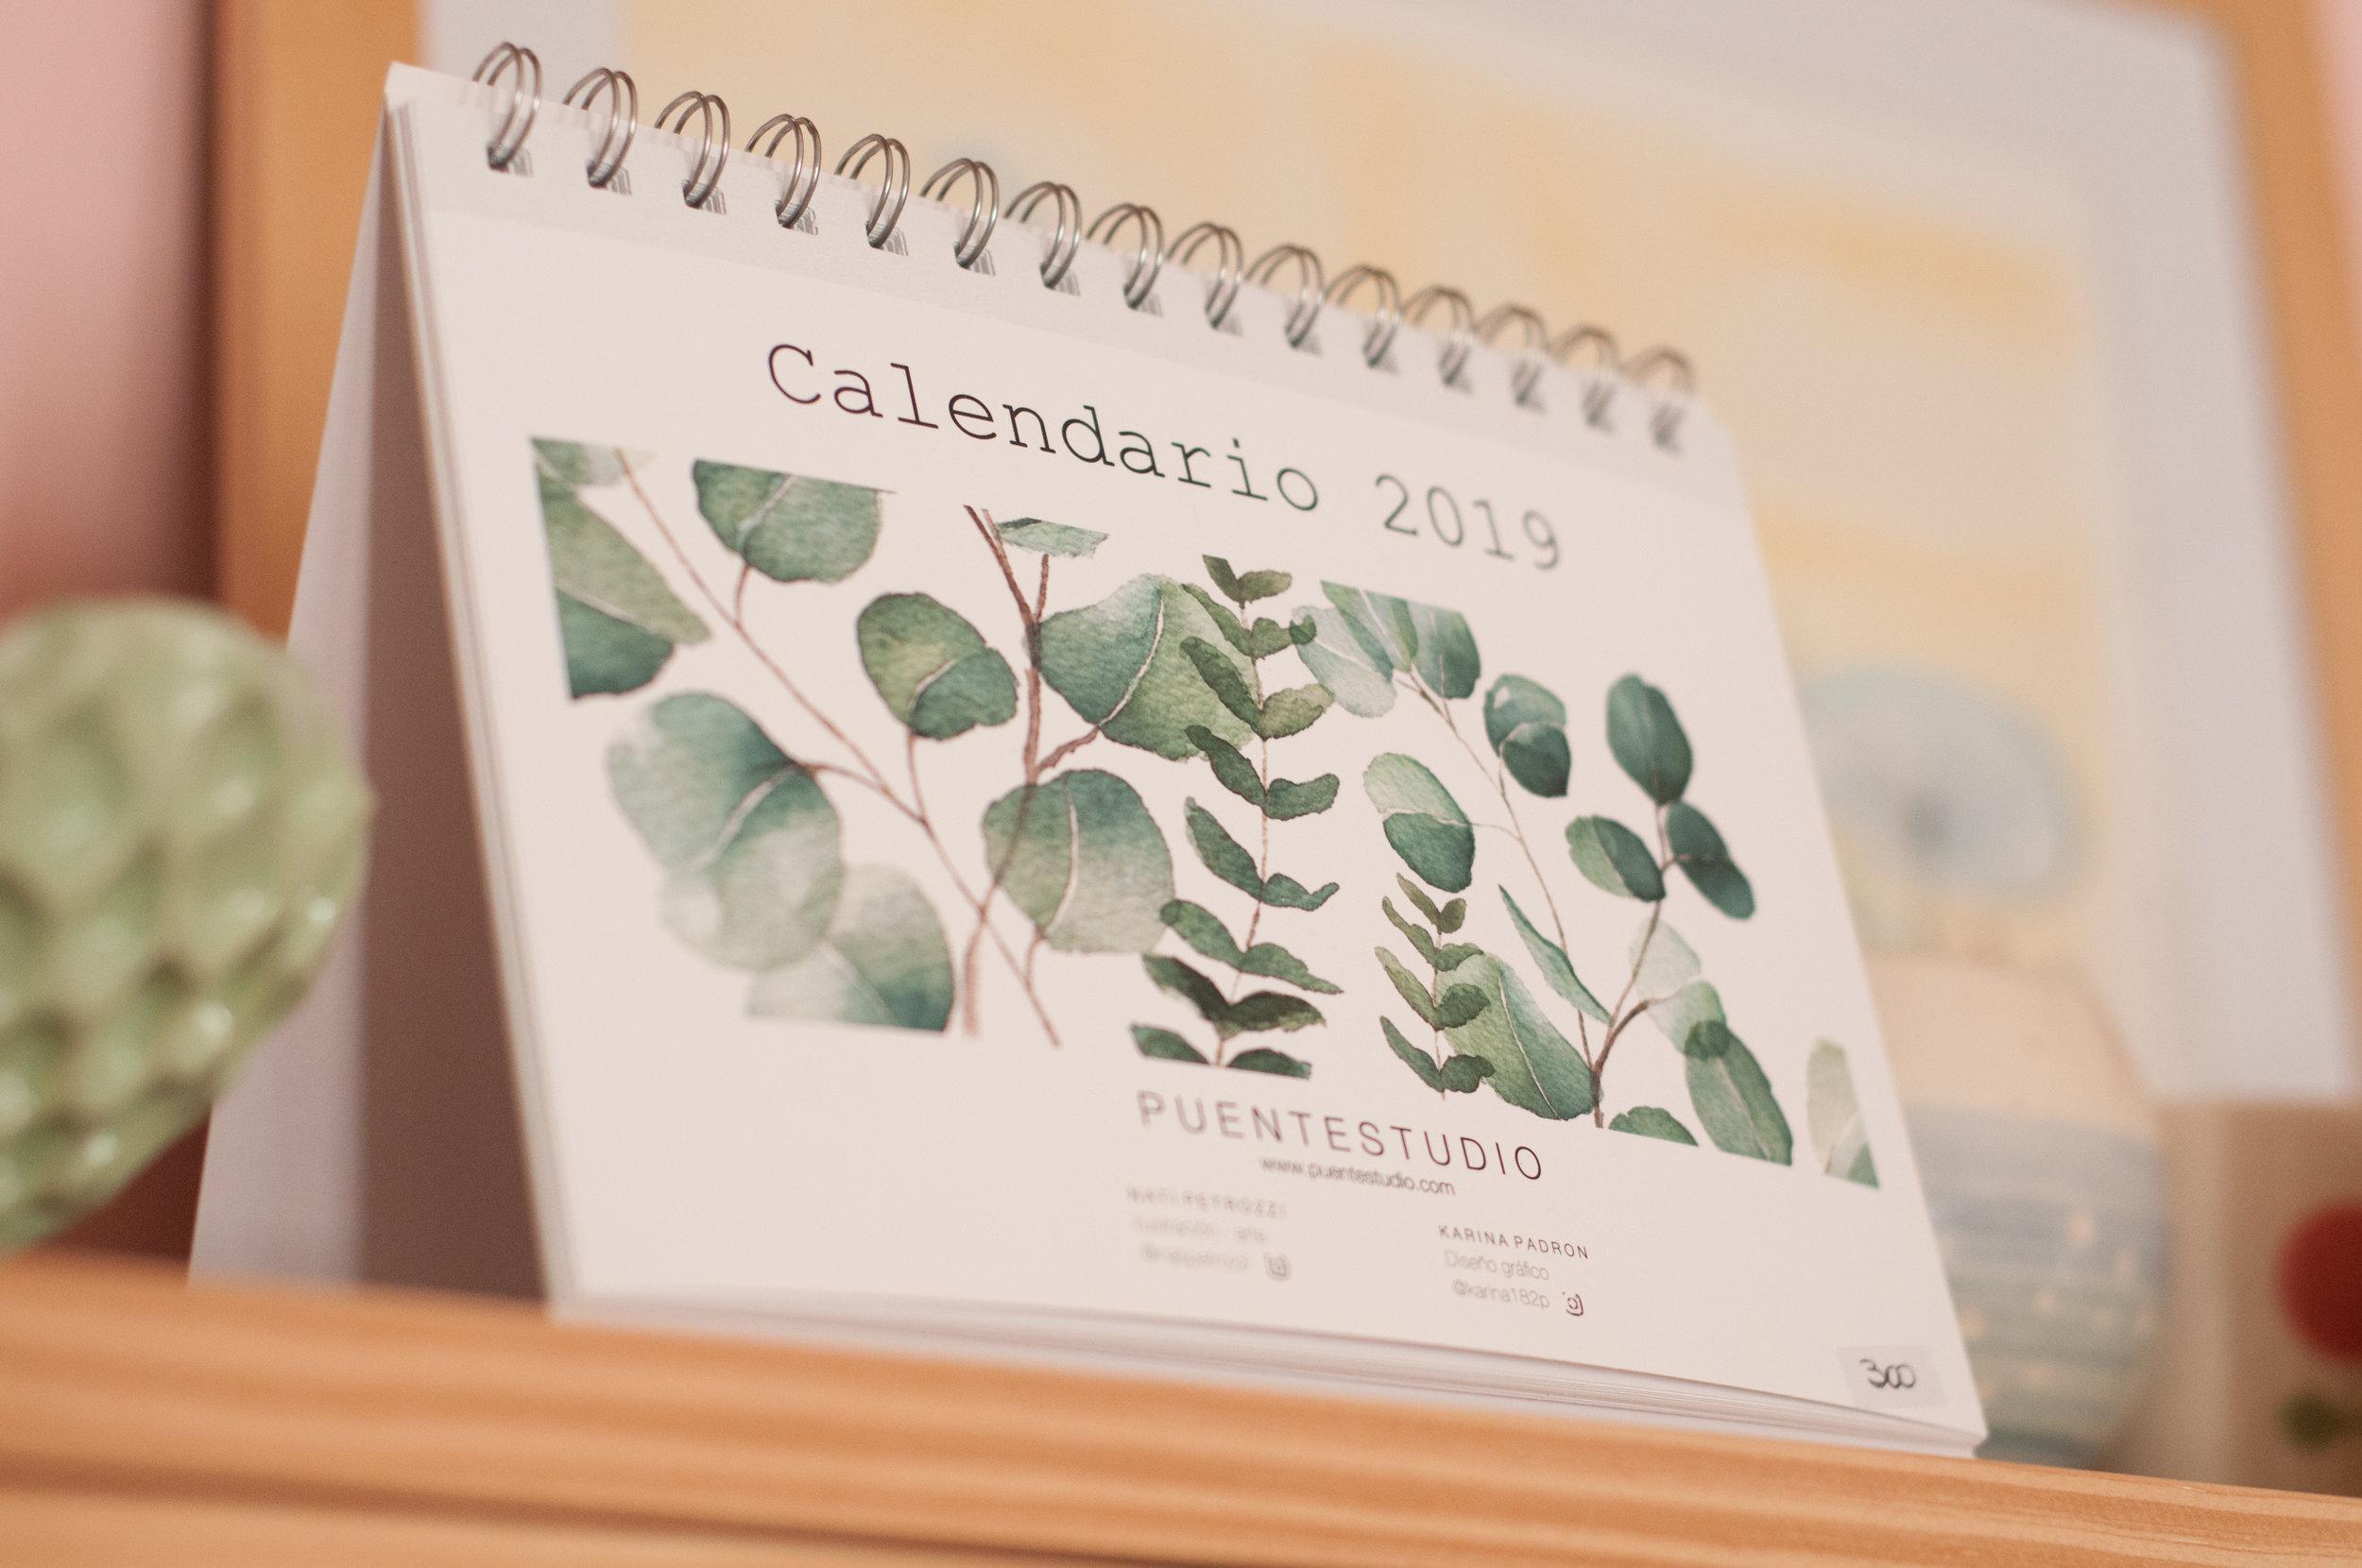 calendario Nati Petrozzi